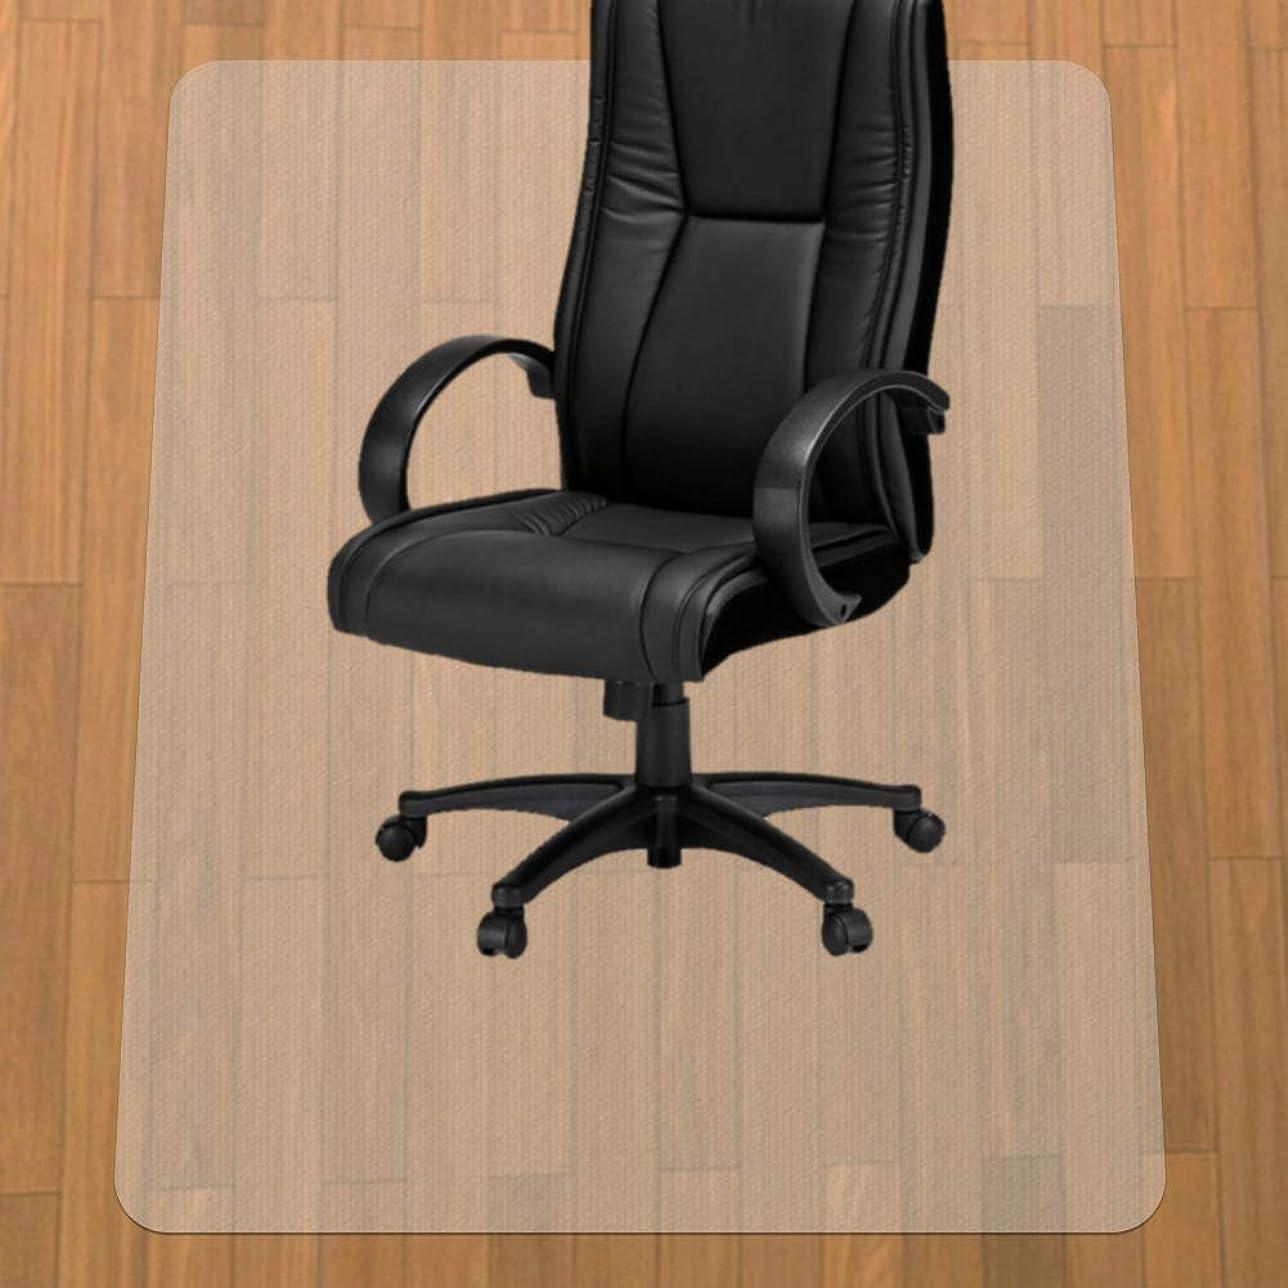 ノート階きらきらHUASUN チェアマット 90*120cm厚み1.5mm 机下 椅子 床を保護 デスクマット 透明 PVC 傷防止 滑り止め フロア/畳/床暖房対応